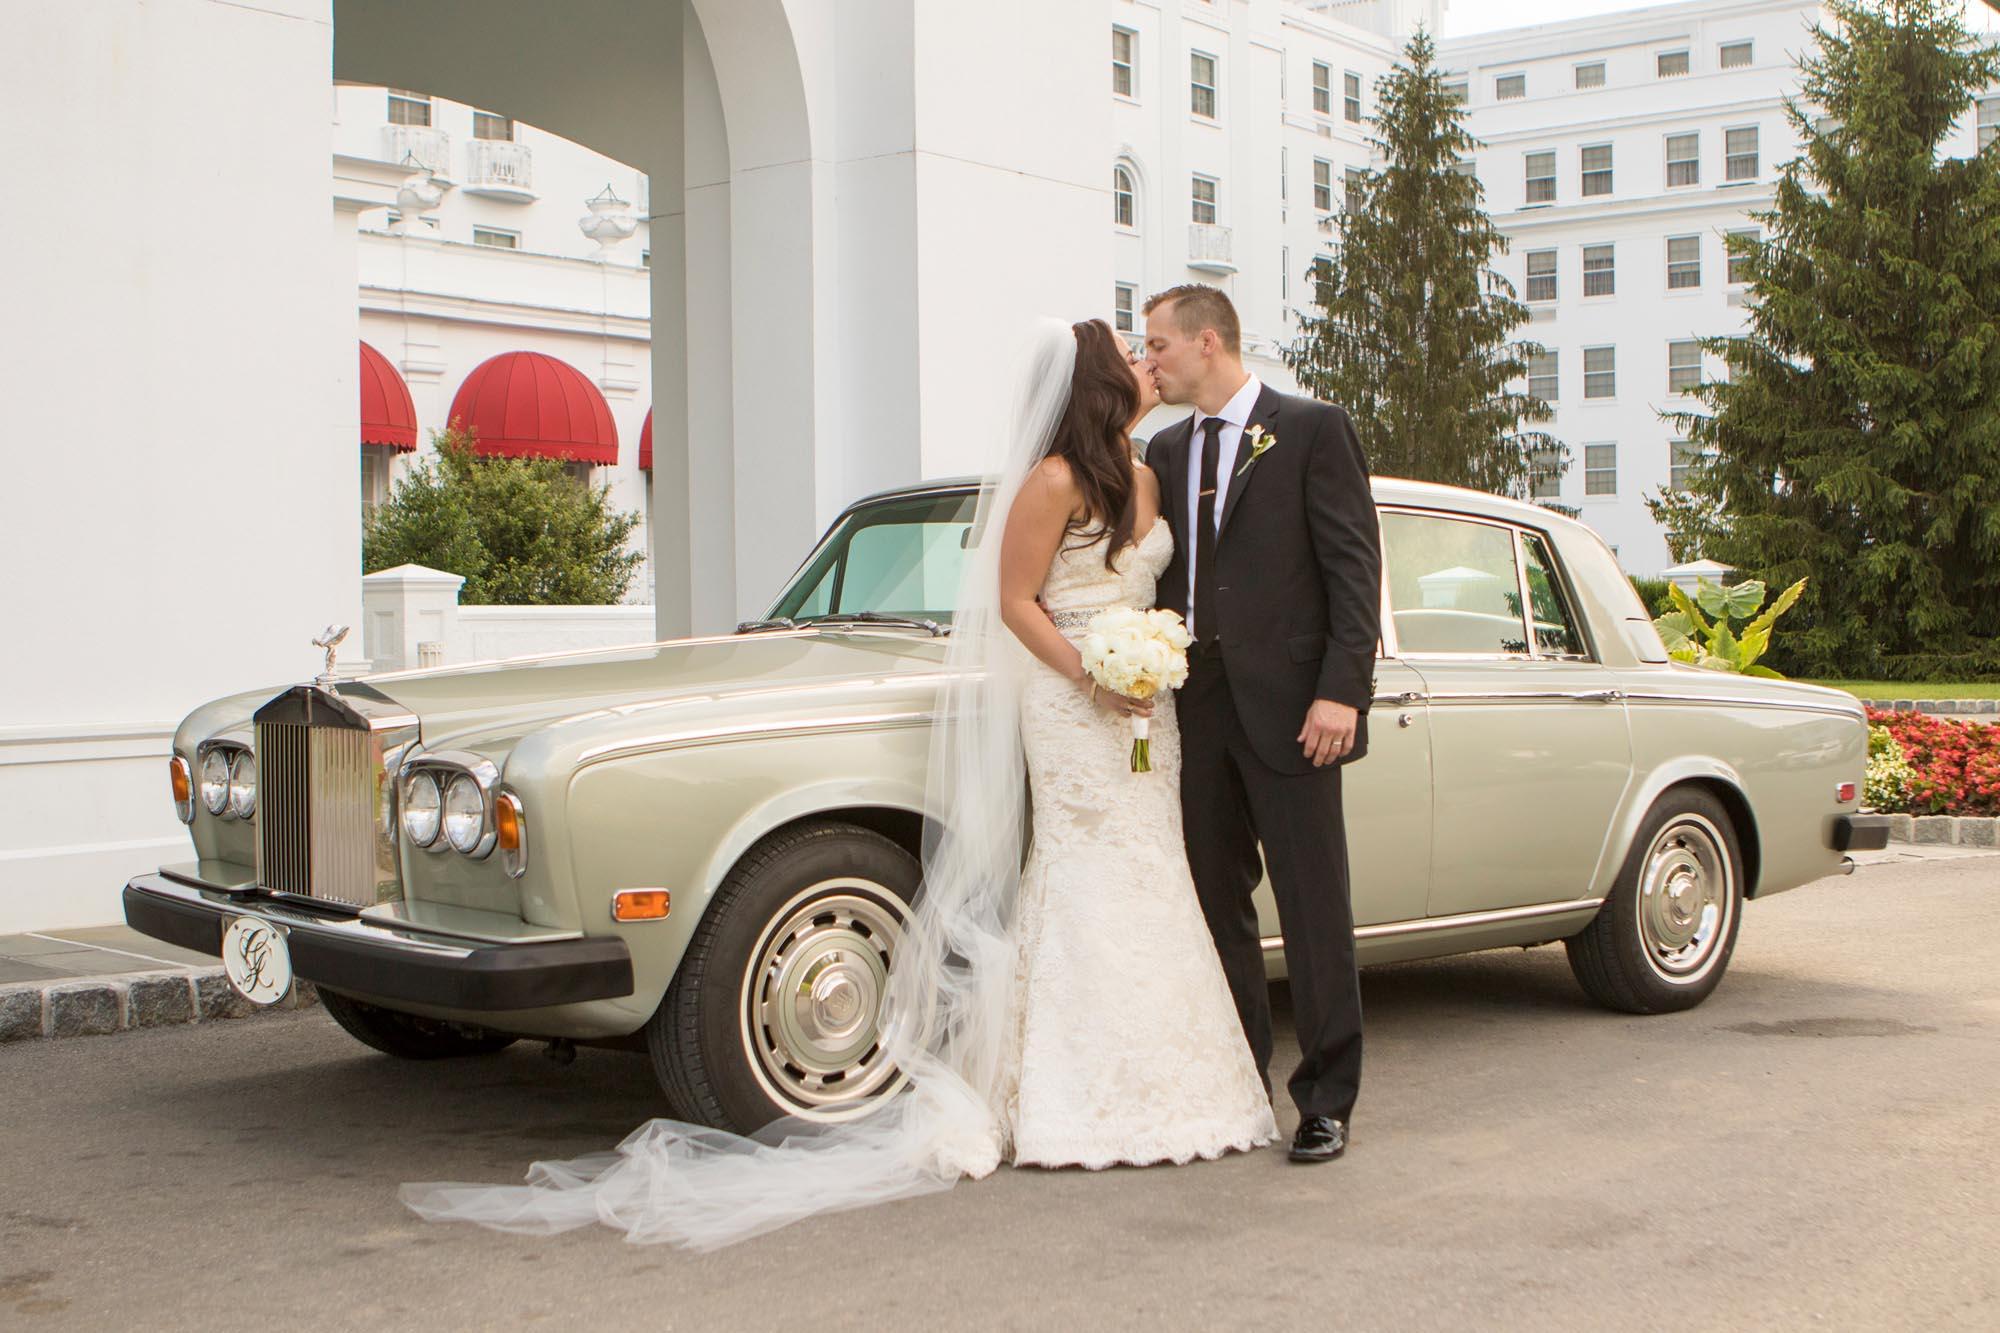 wv-wedding-photographer-sheena-pendley-0159.jpg